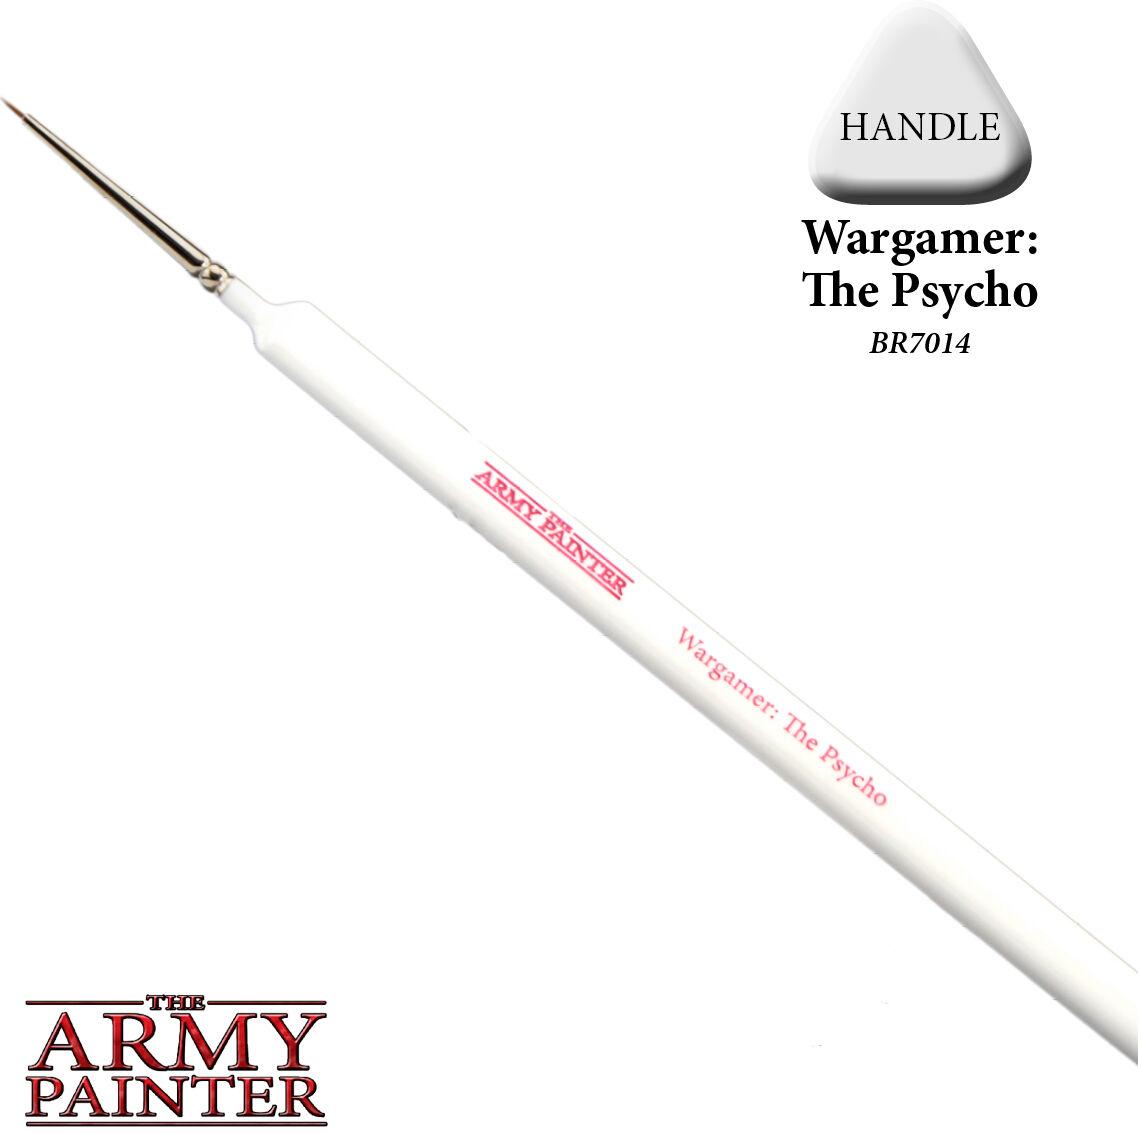 Wargamer The Psycho Brush Pensel 6/0 Army Painter - ca størrelse #6/0